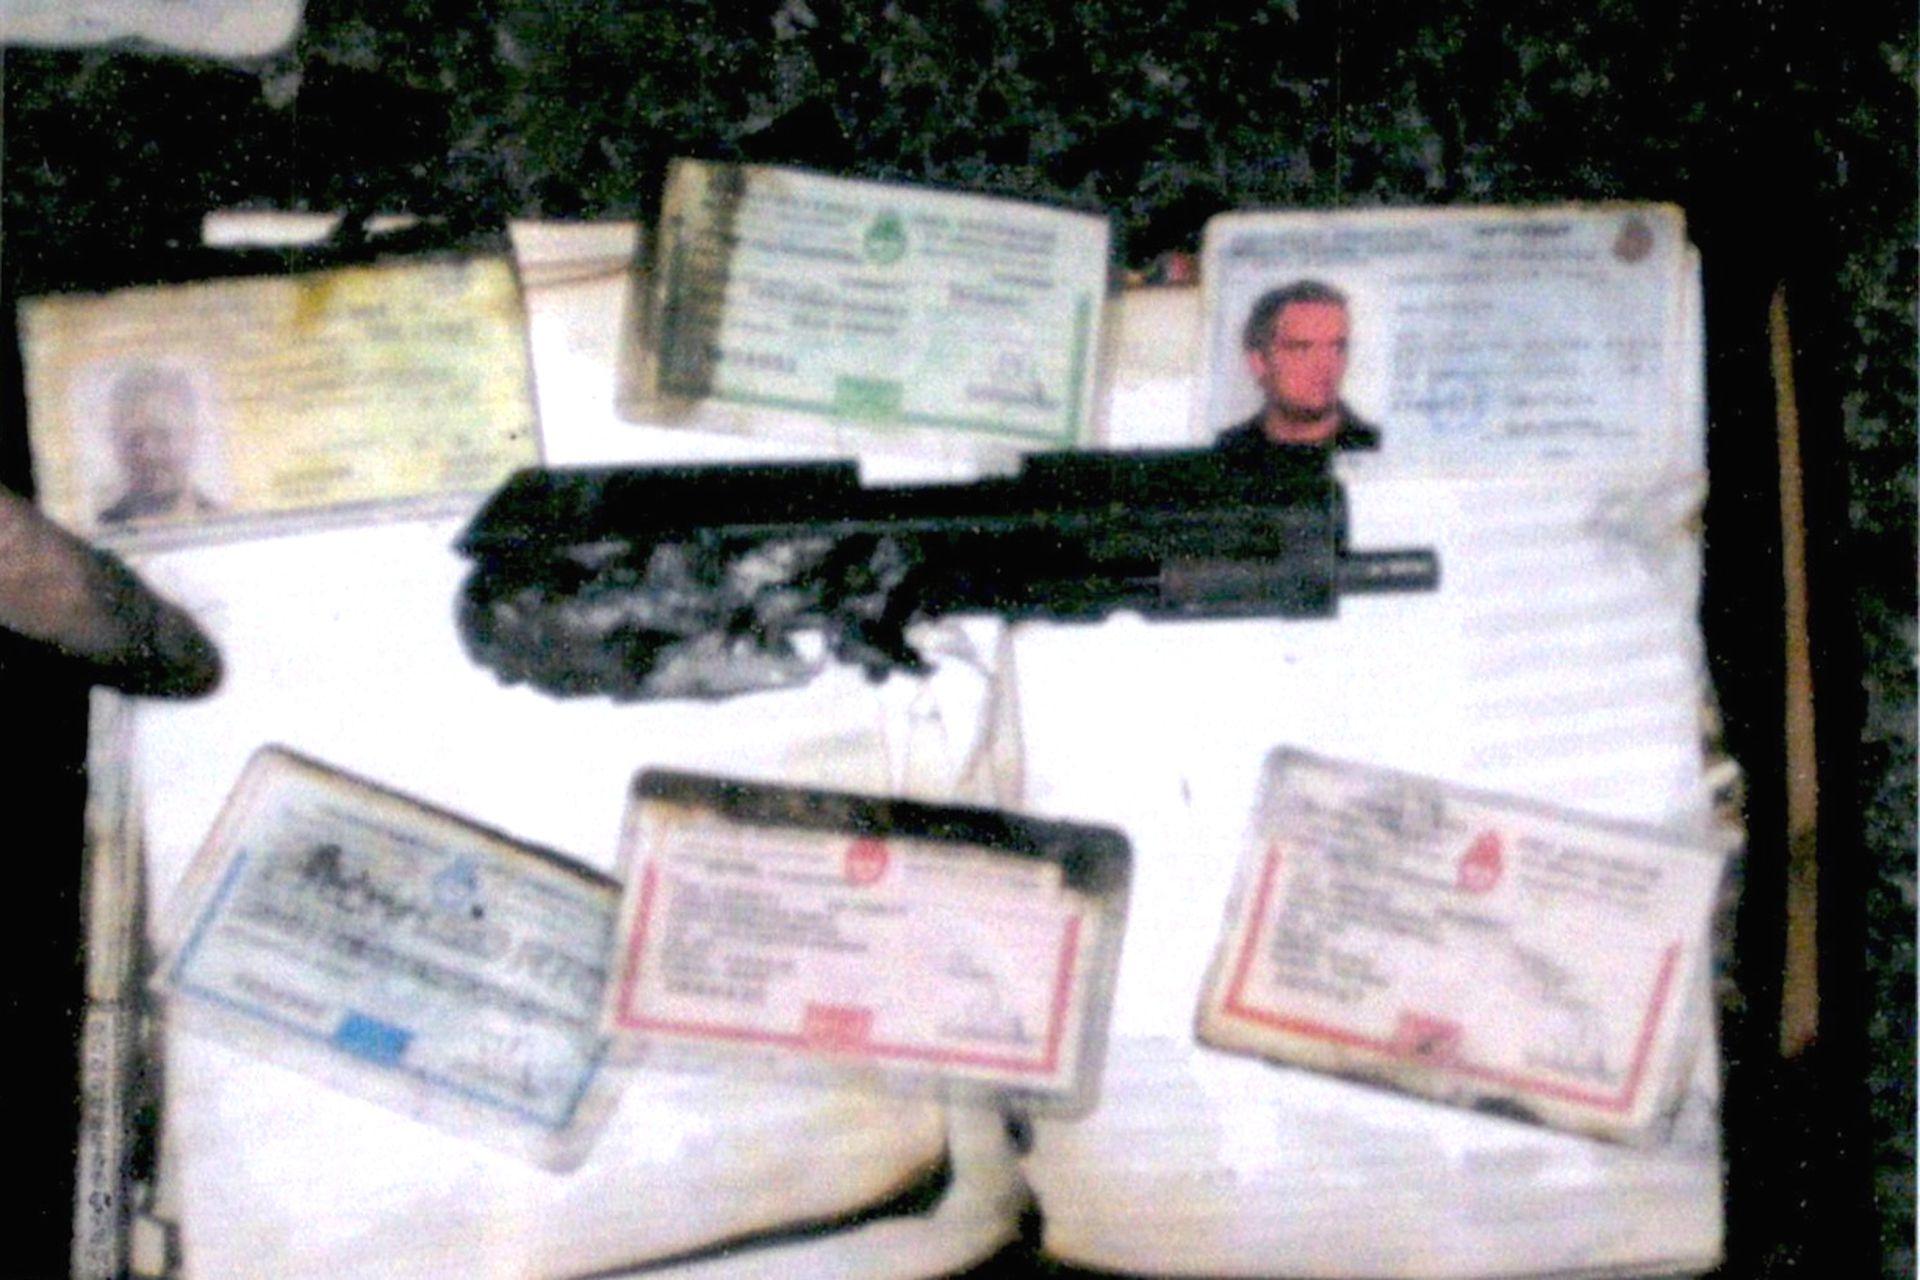 El cañón de una de las pistolas de Sebastián Forza, destruida por el fuego dentro de la camioneta, y documentación de las víctimas